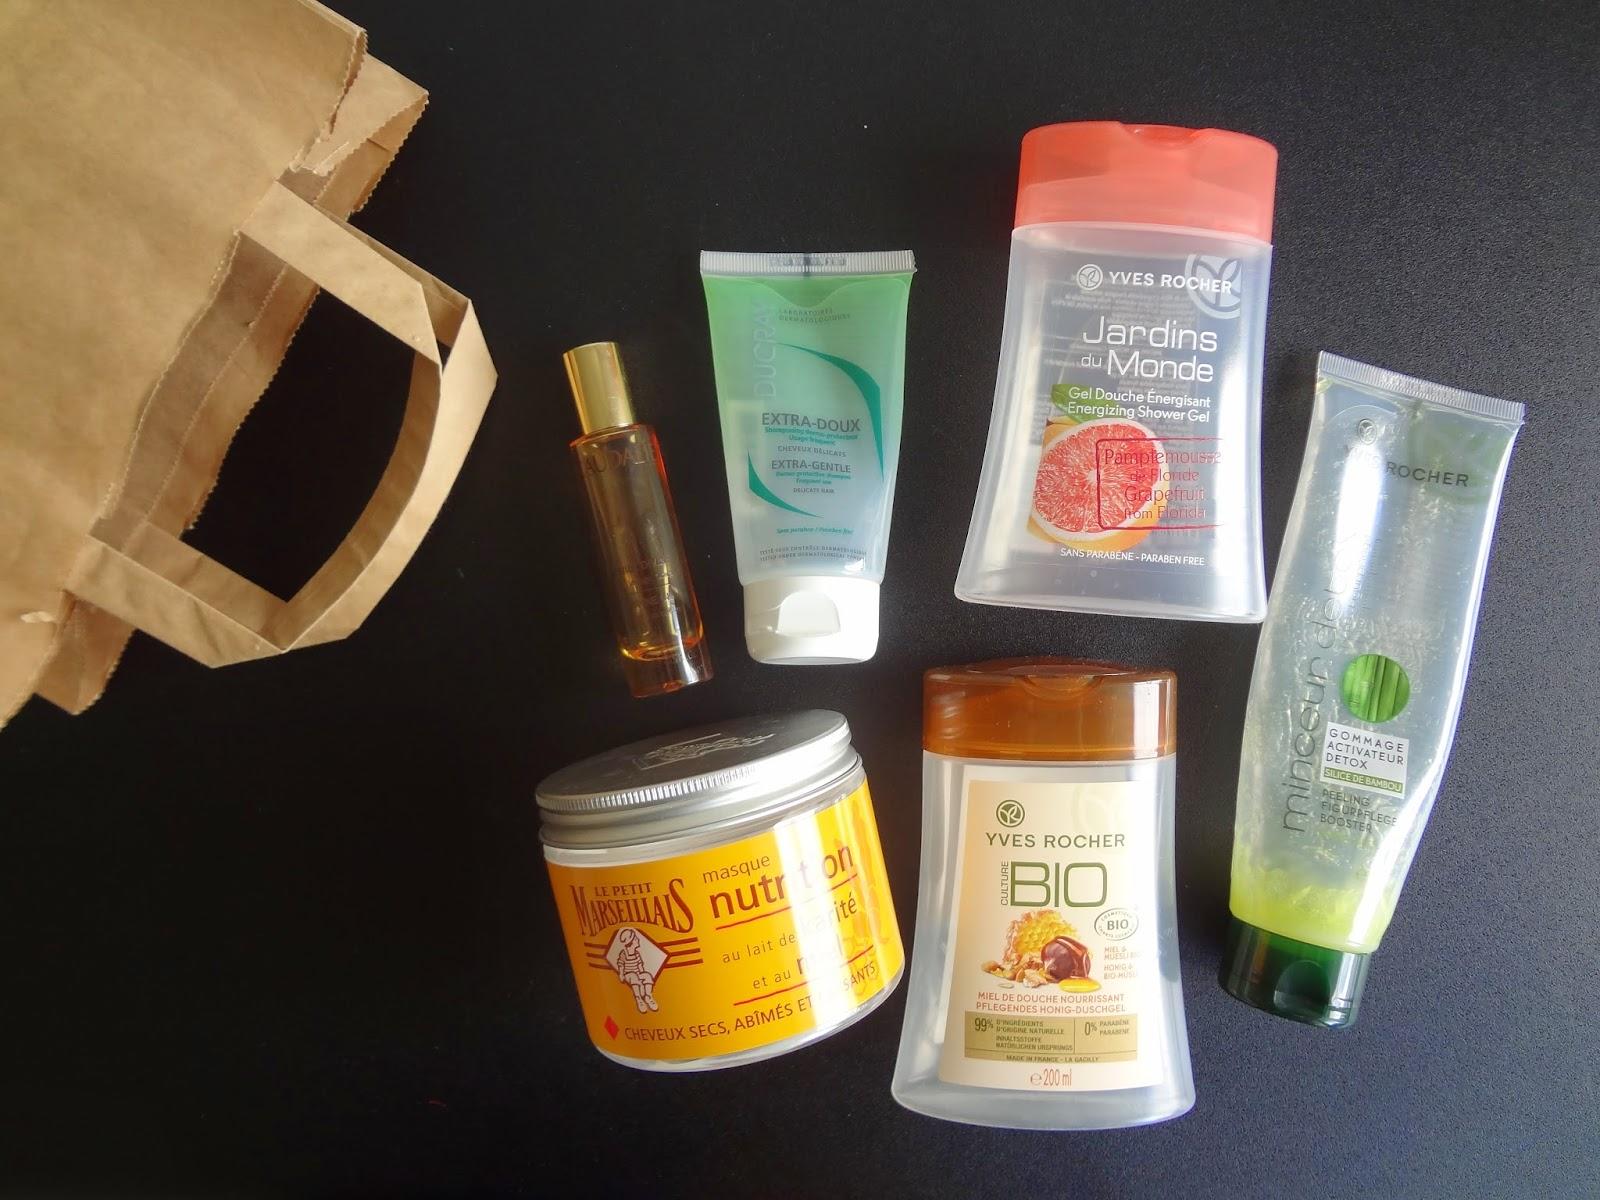 produits-termines-finis-empties-beauty-trash-caudalie-huile-divine-le-petit-marseillais-masque-cheveux-nutrition-ducray-shampoing-doux-yves-rocher-gel-douche-bio-miel-muesli-pamplemousse-gommage-minceur-detox